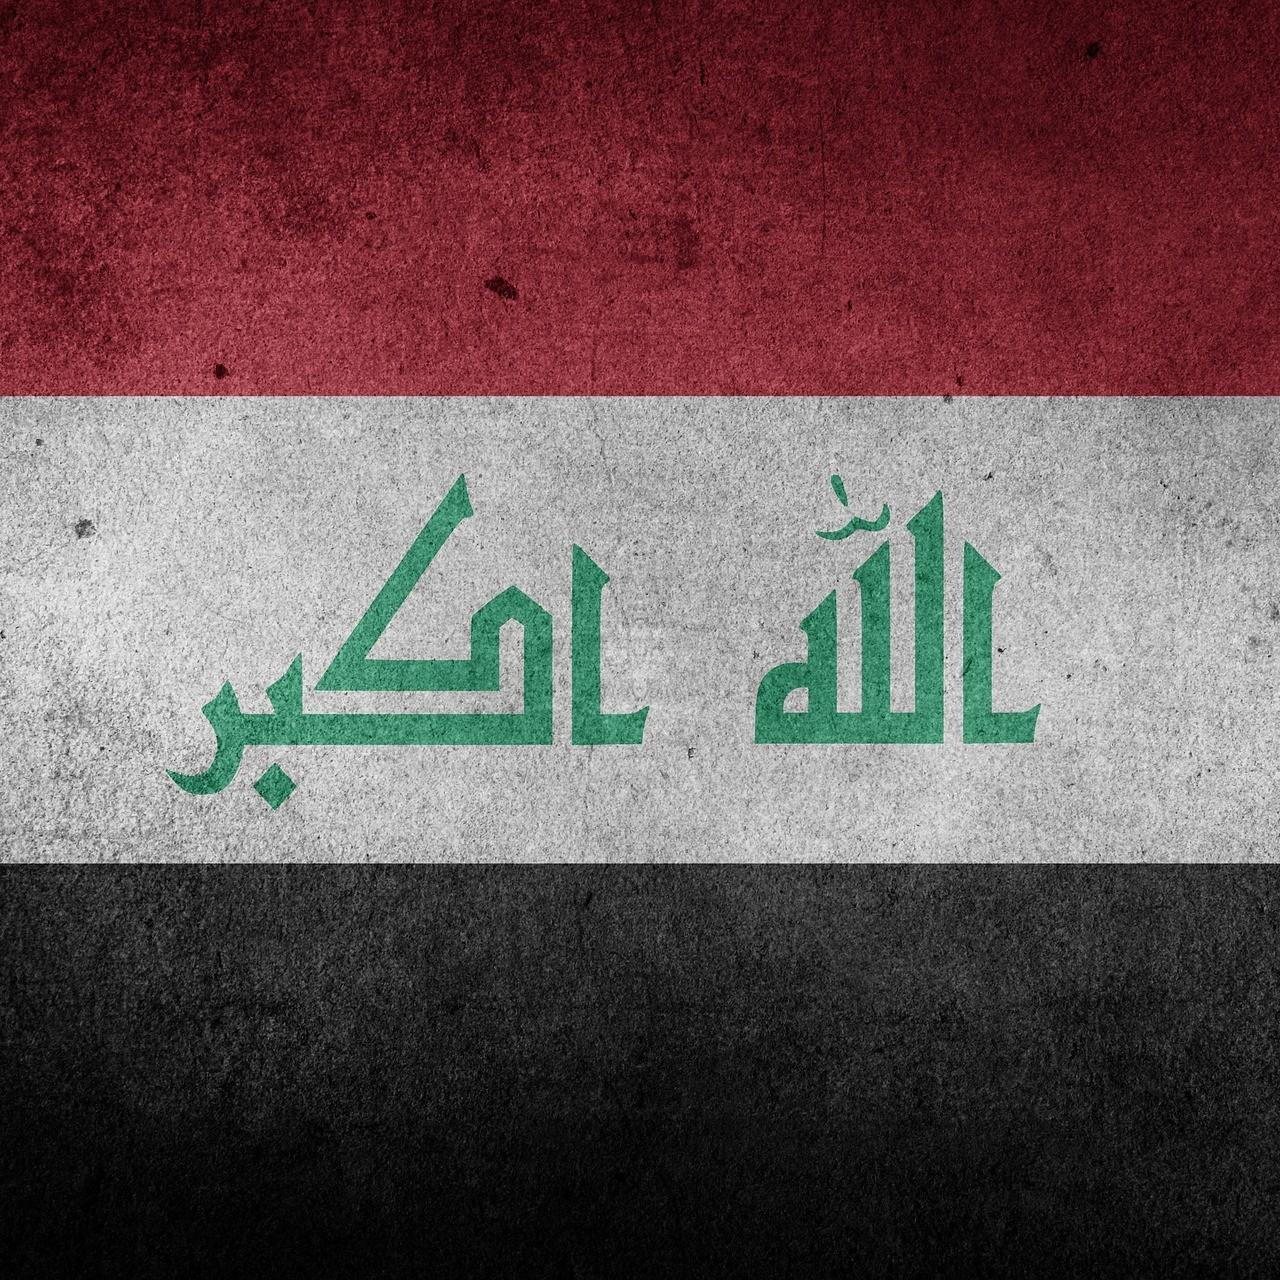 Le milizie sciite in Iraq: forza in ascesa o in declino?